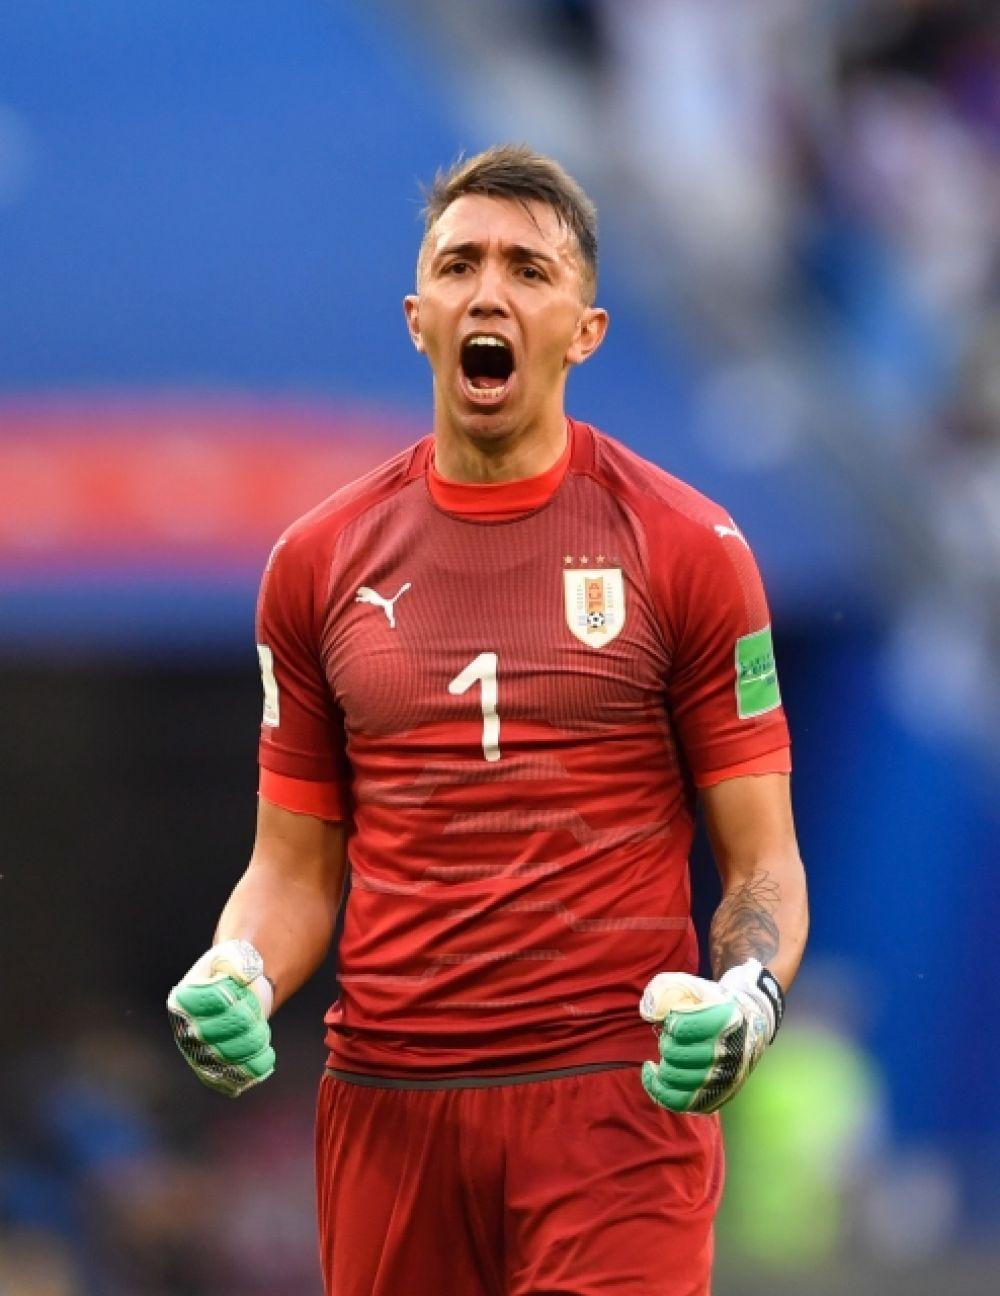 Реакция голкипера сборной Уругвая Фернандо Муслеры на третий гол - не в его ворота.